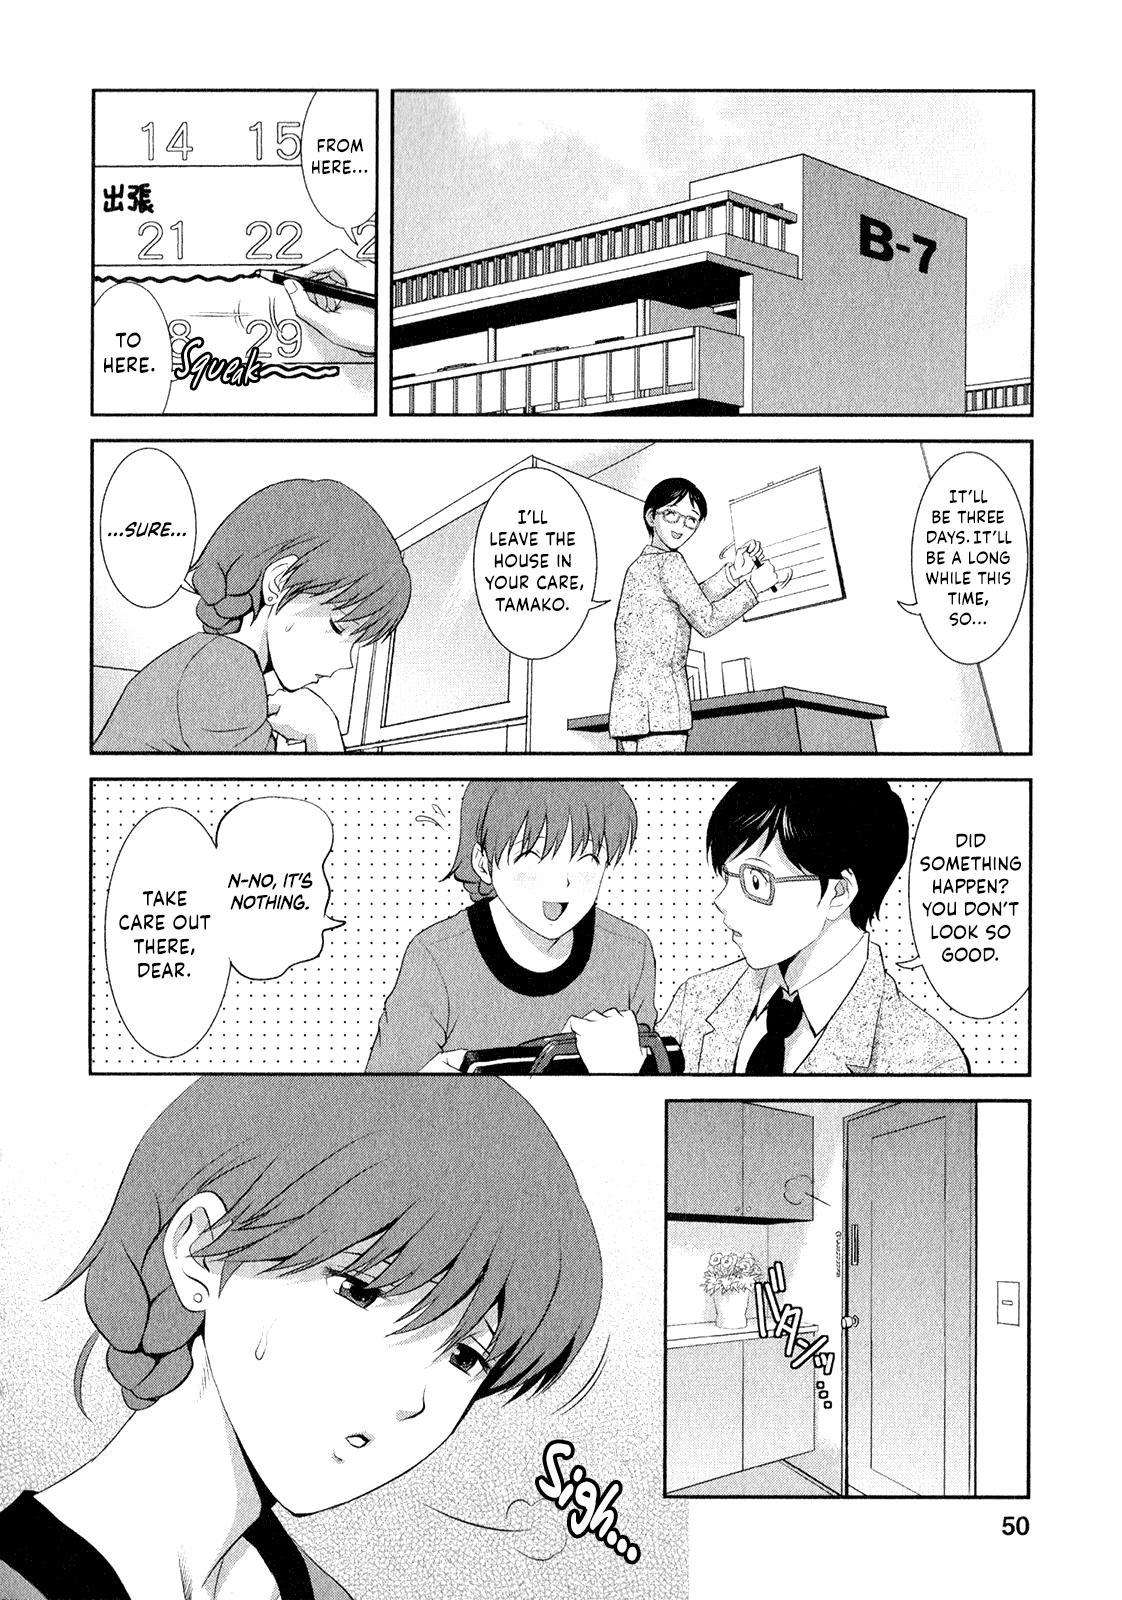 [Saigado] Hitozuma Audrey-san no Himitsu ~30-sai kara no Furyou Tsuma Kouza~ - Vol. 2 Ch. 9~12 [English] {Hennojin} 52